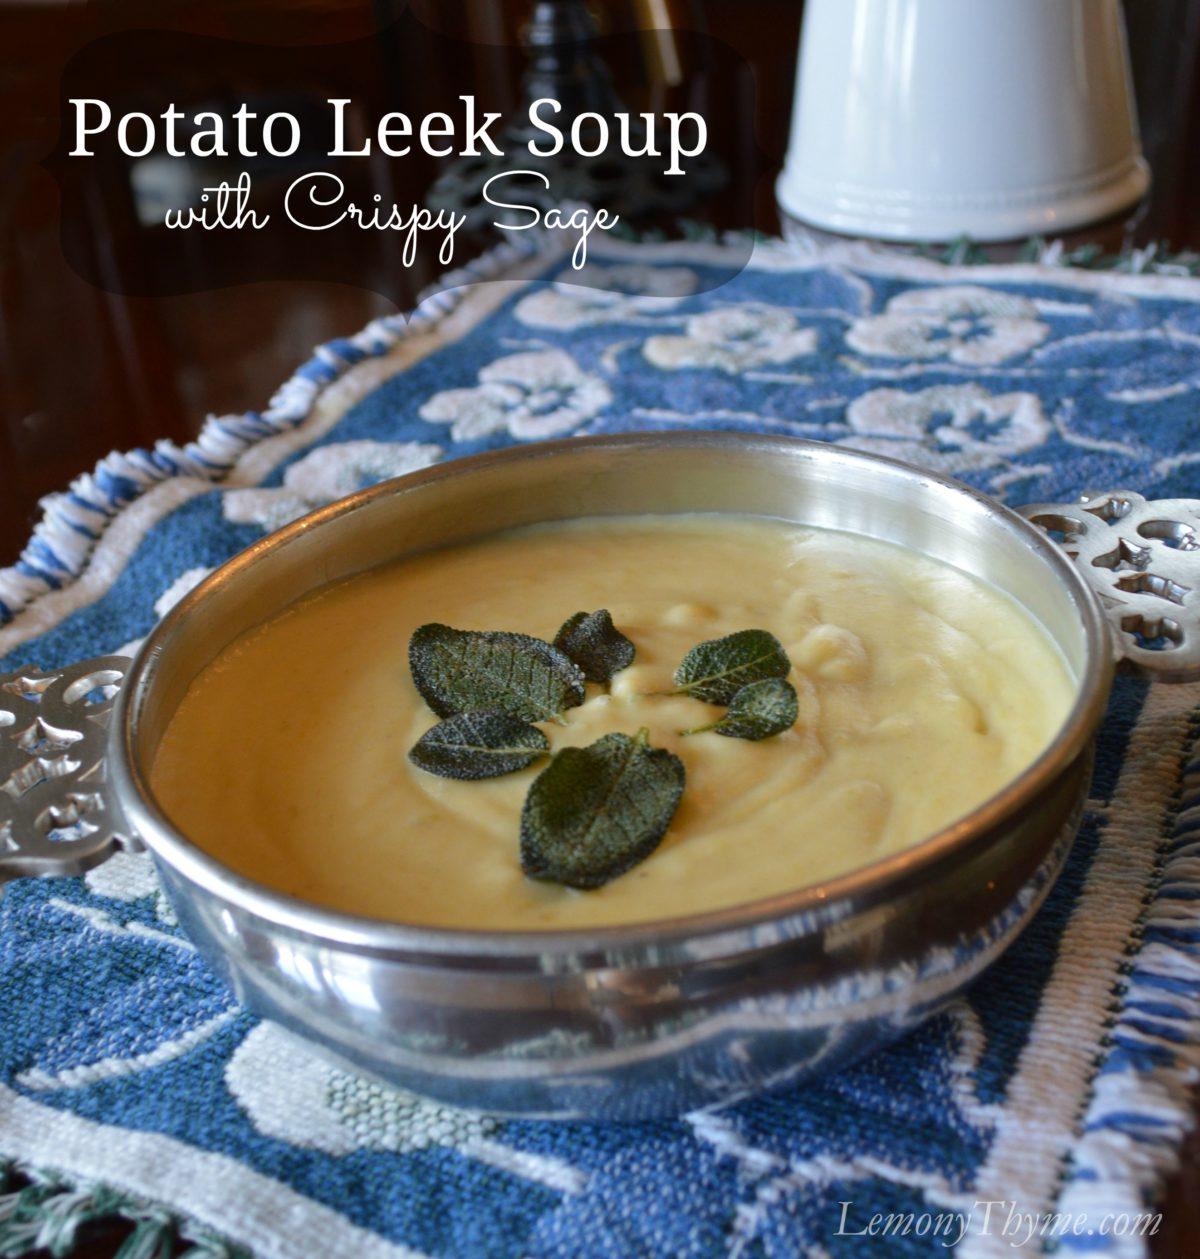 Potato Leek Soup with Crispy Sage